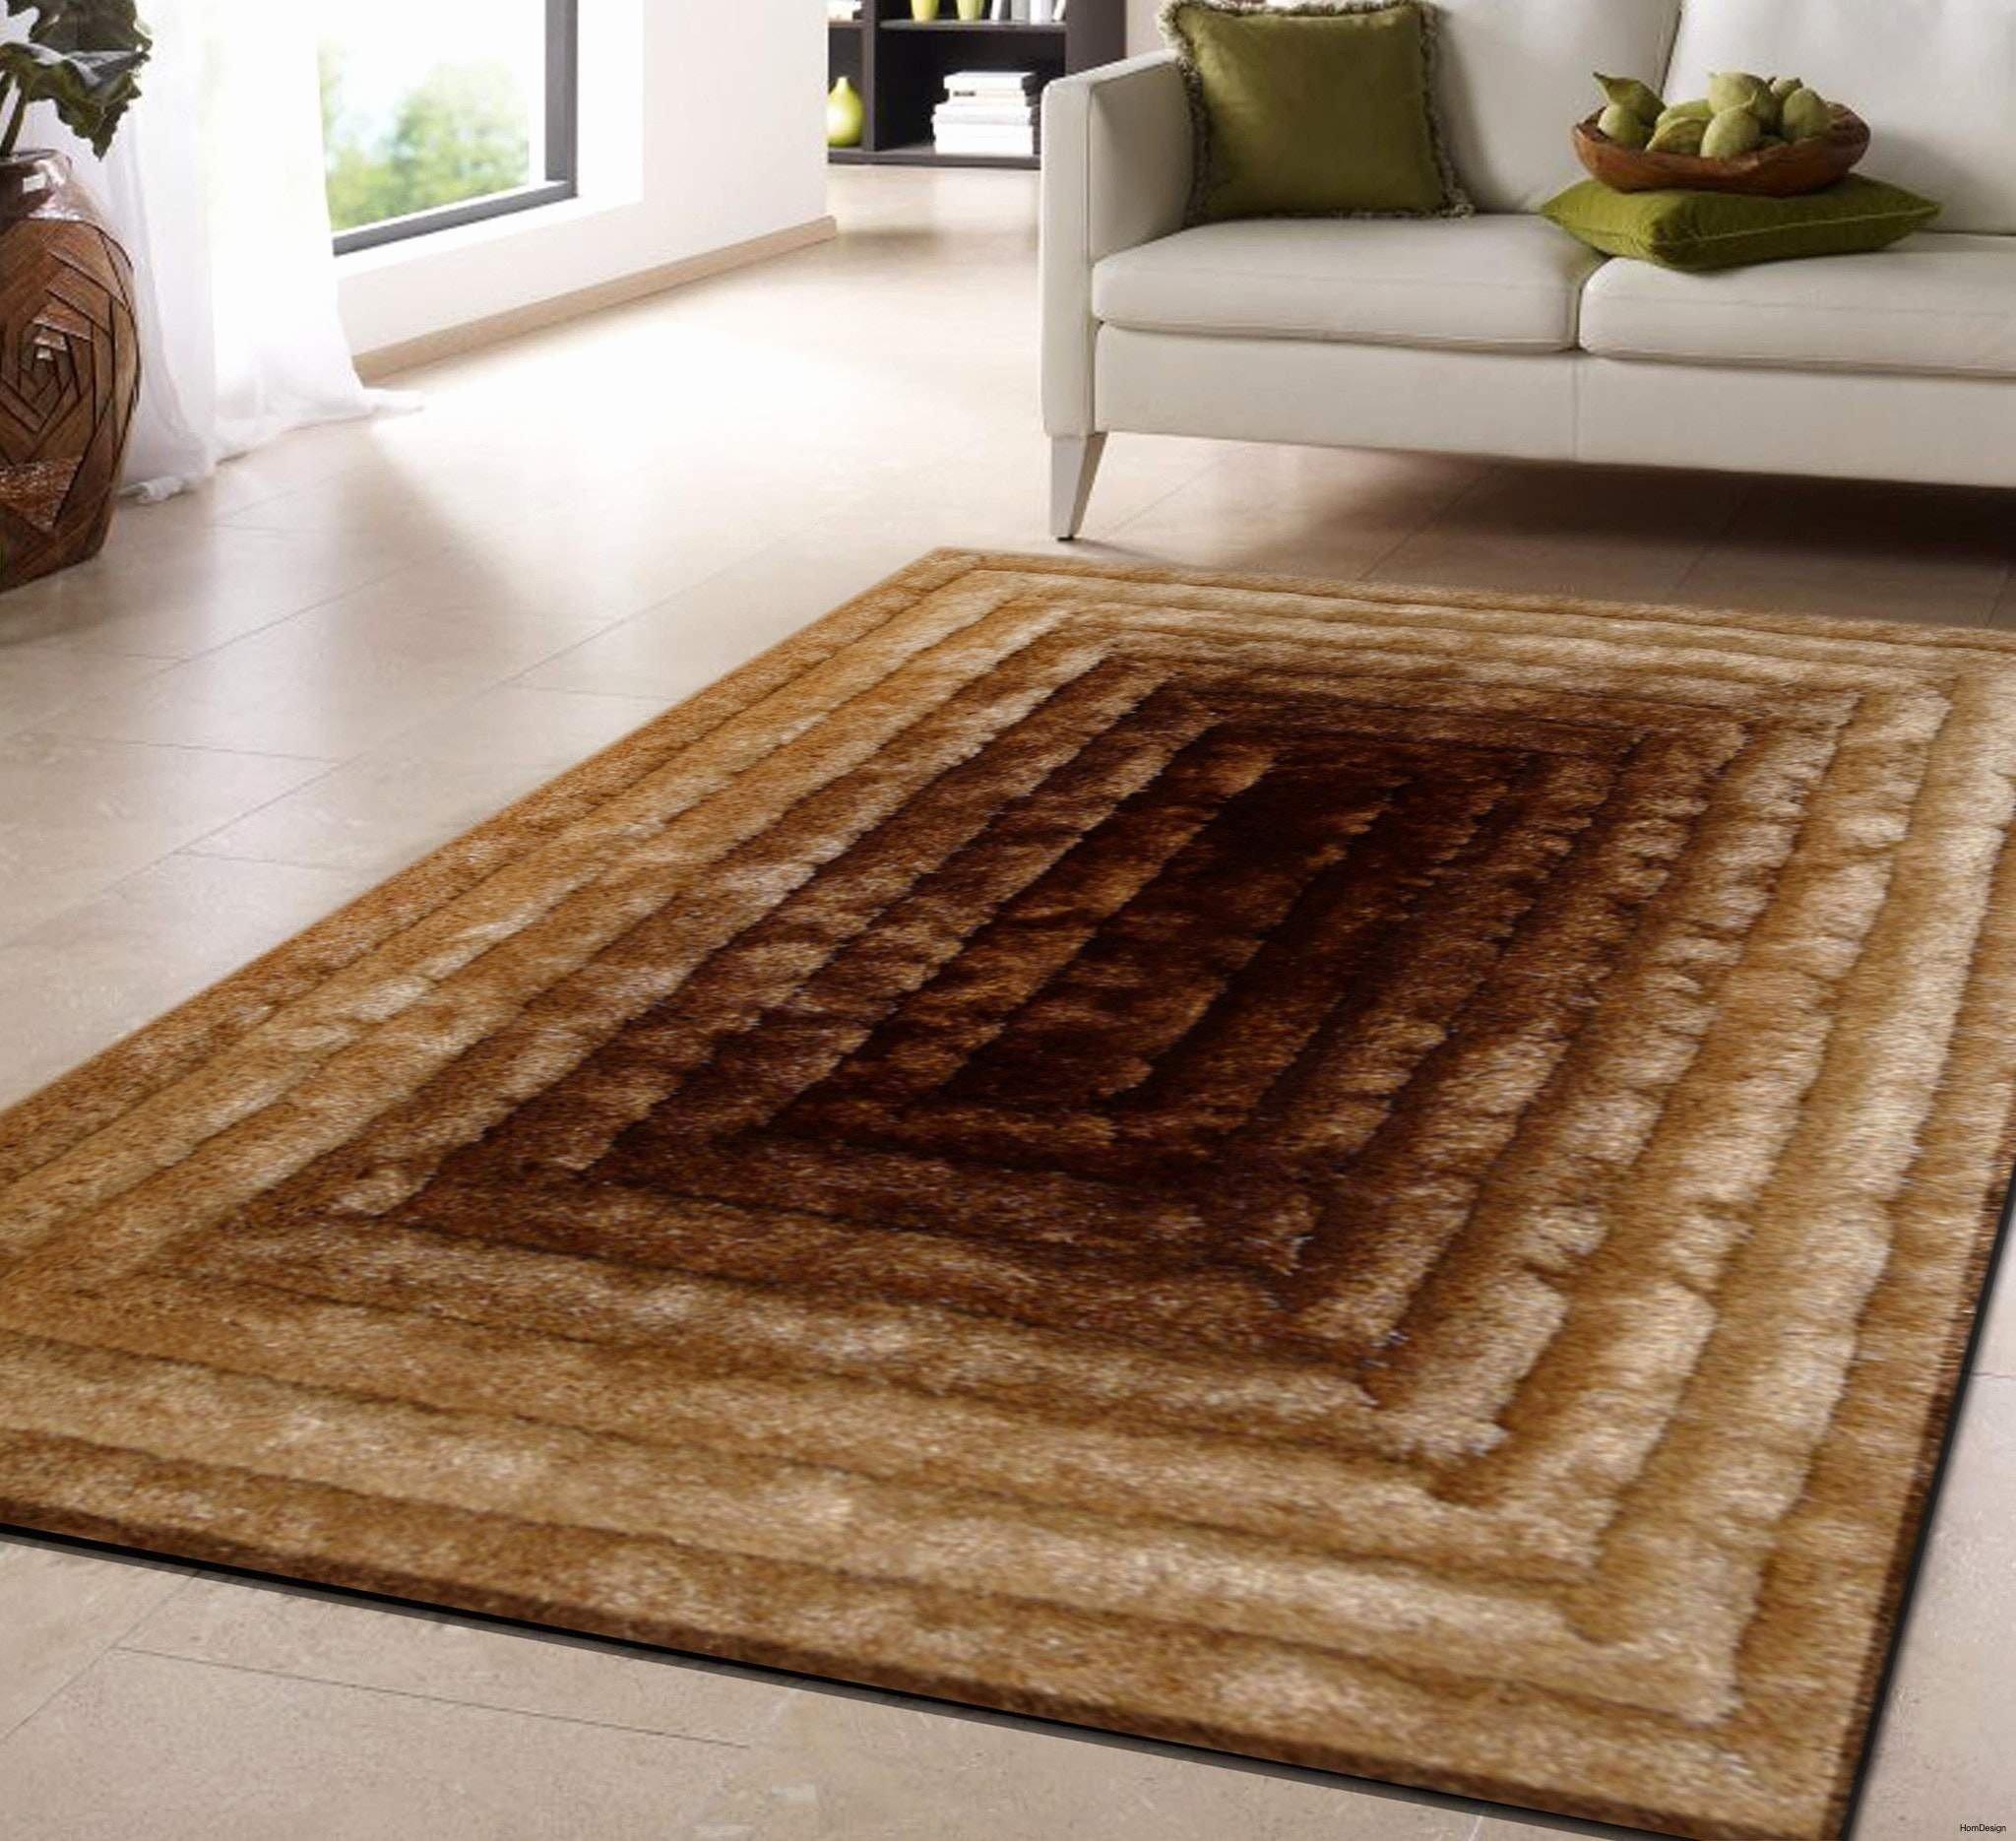 Accent Rugs for Bedroom Fresh 23 Popular Hardwood Floor Bedroom Rug